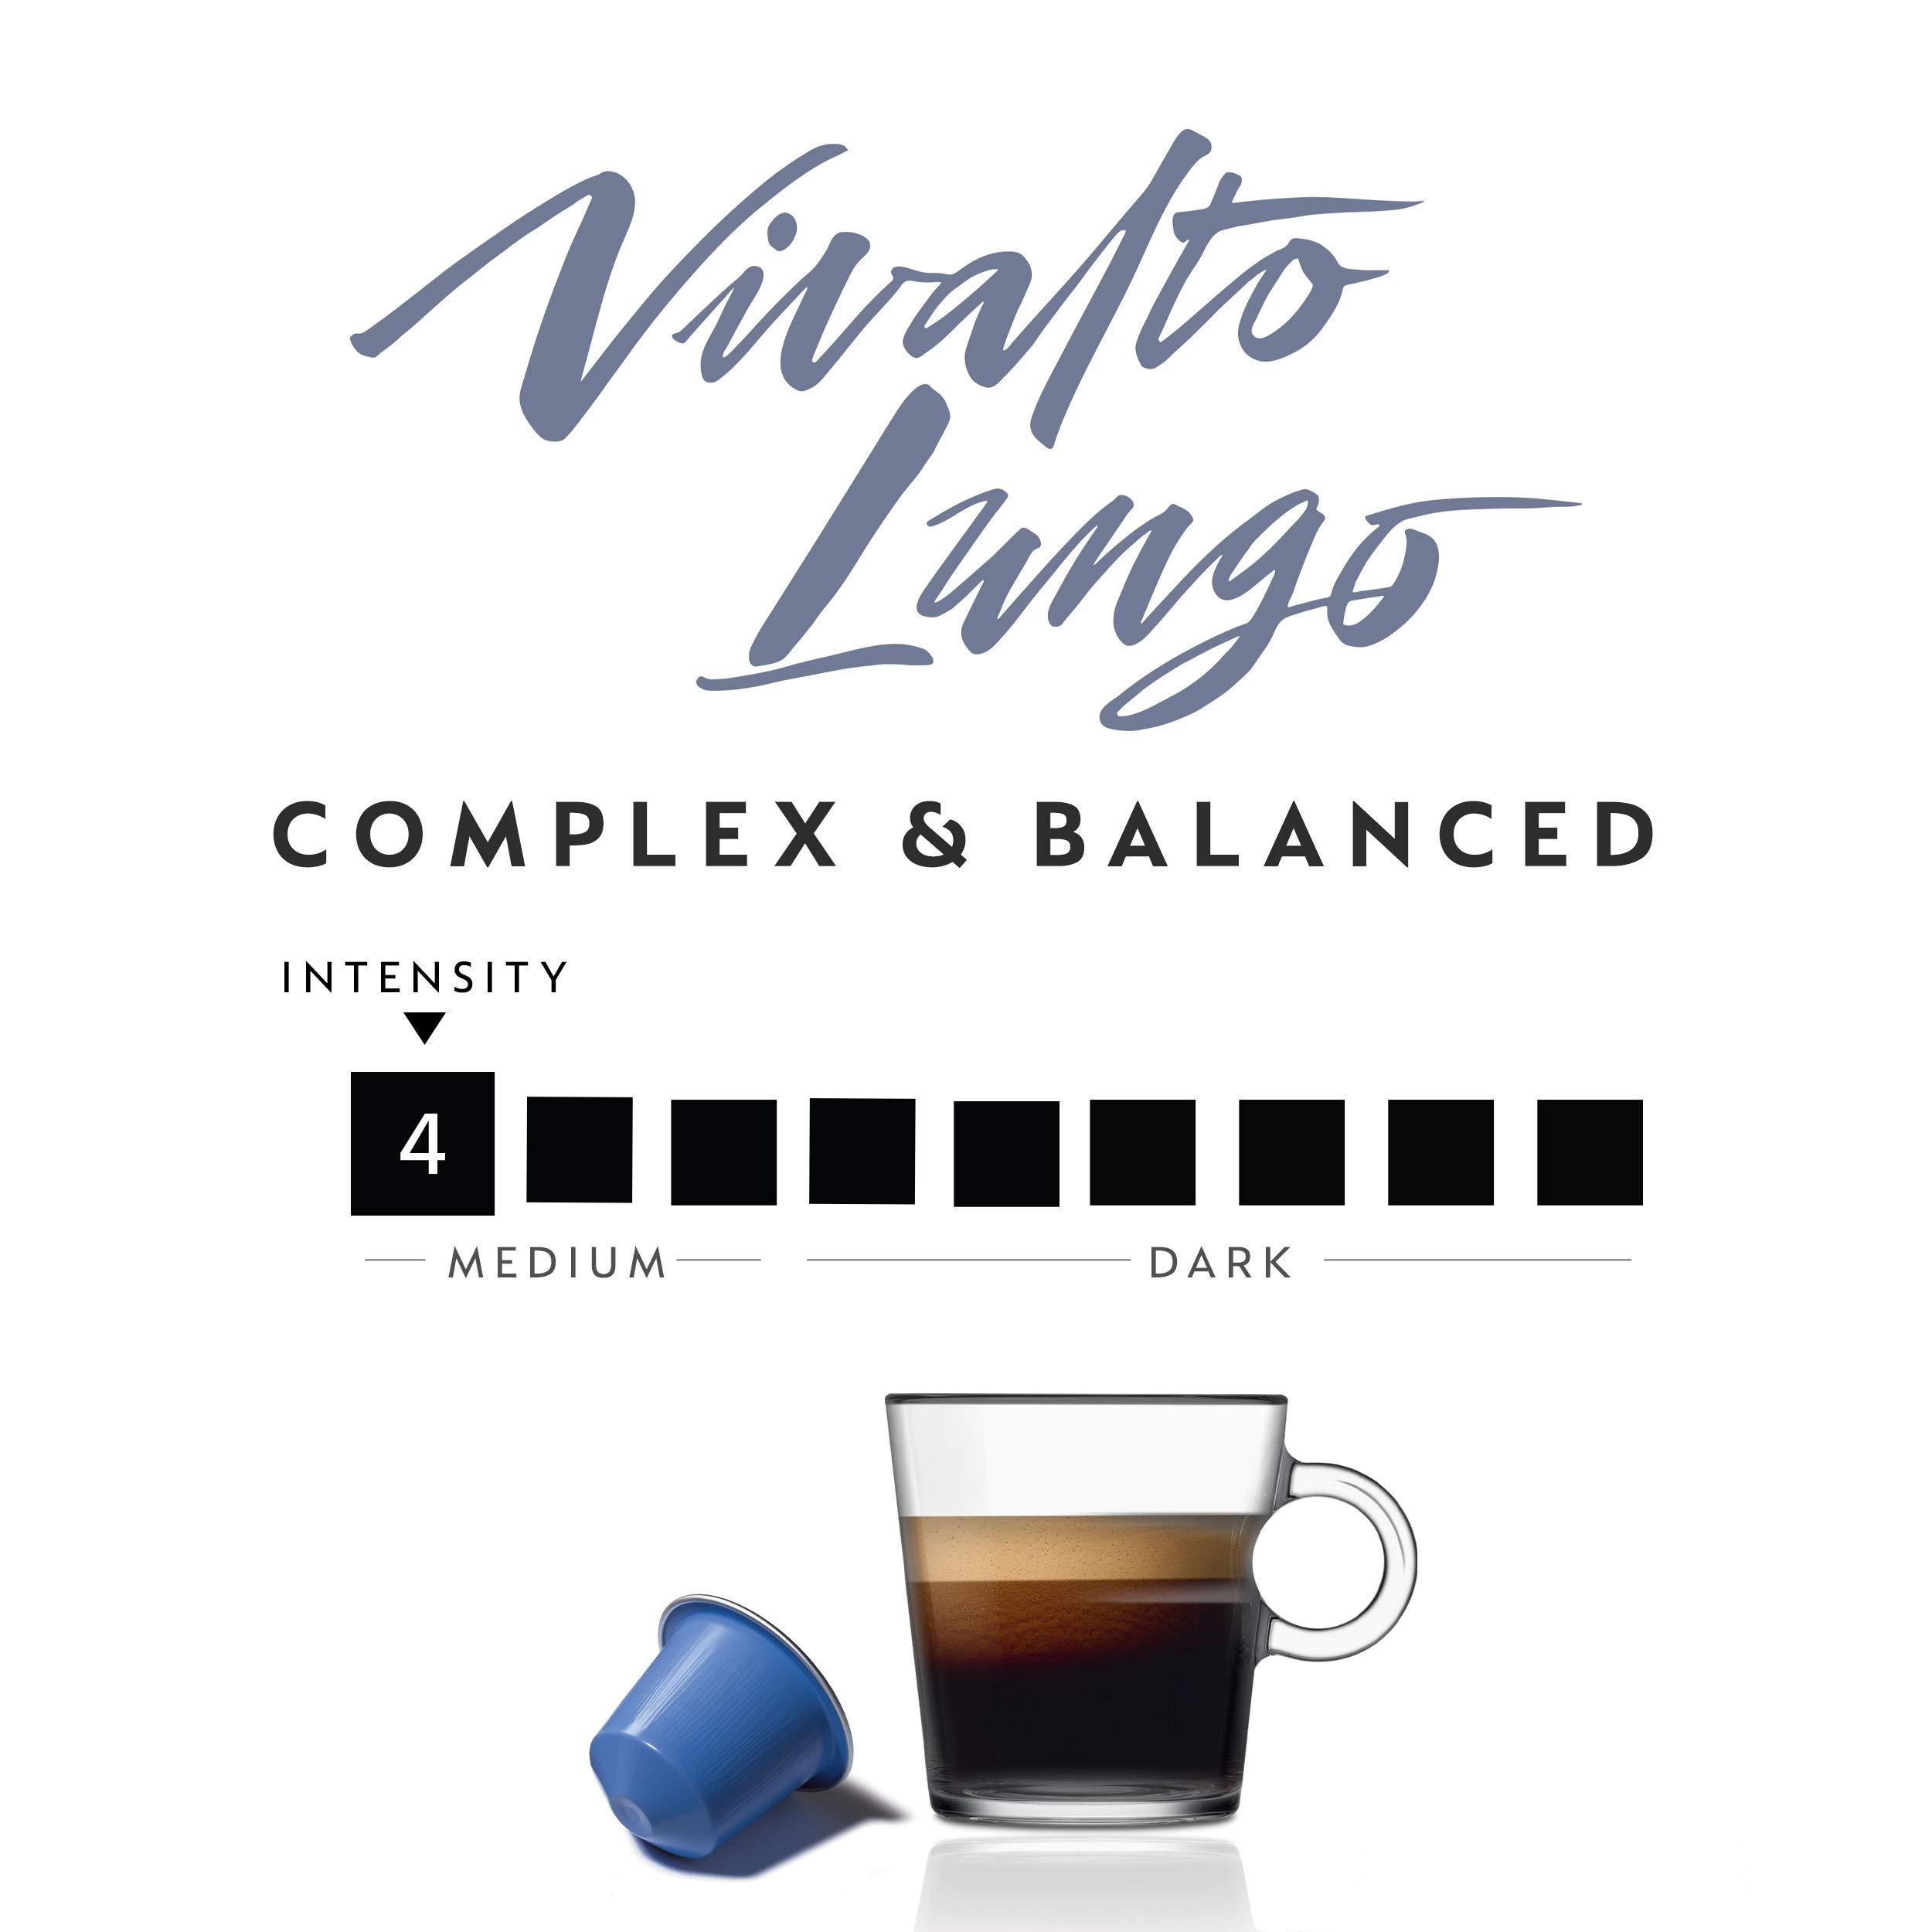 Vivalto Lungo Best Nespresso Capsules